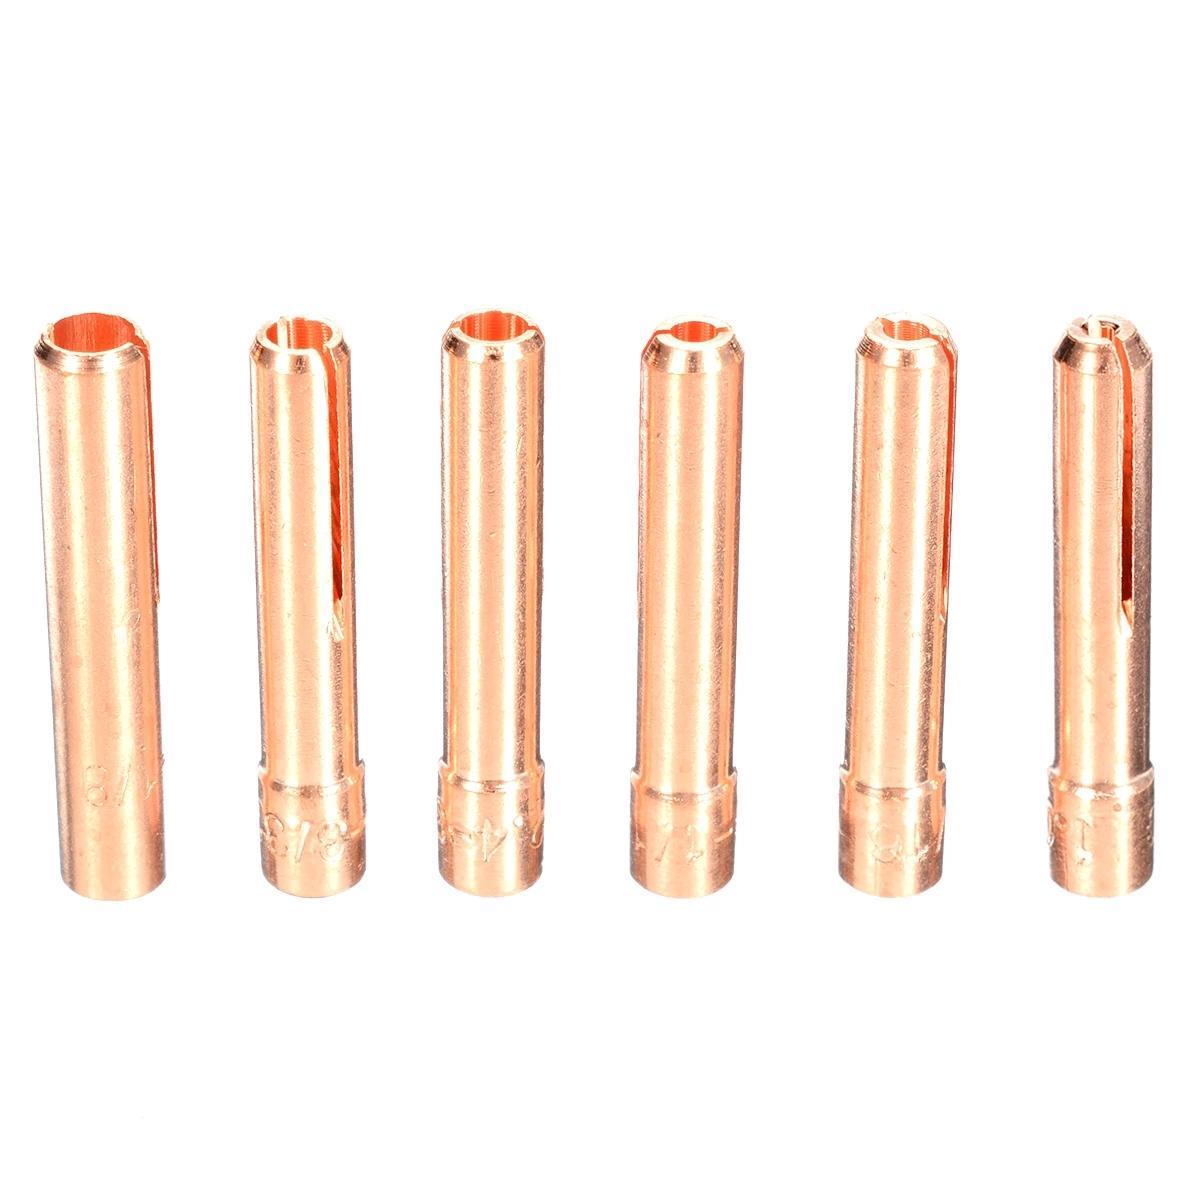 40 قطعة / الوحدة tig لحام كيت الشعلة كوليت عدسة الغاز بيريكس كوب الزجاج الملحقات العملية ل WP-9 / 20/25